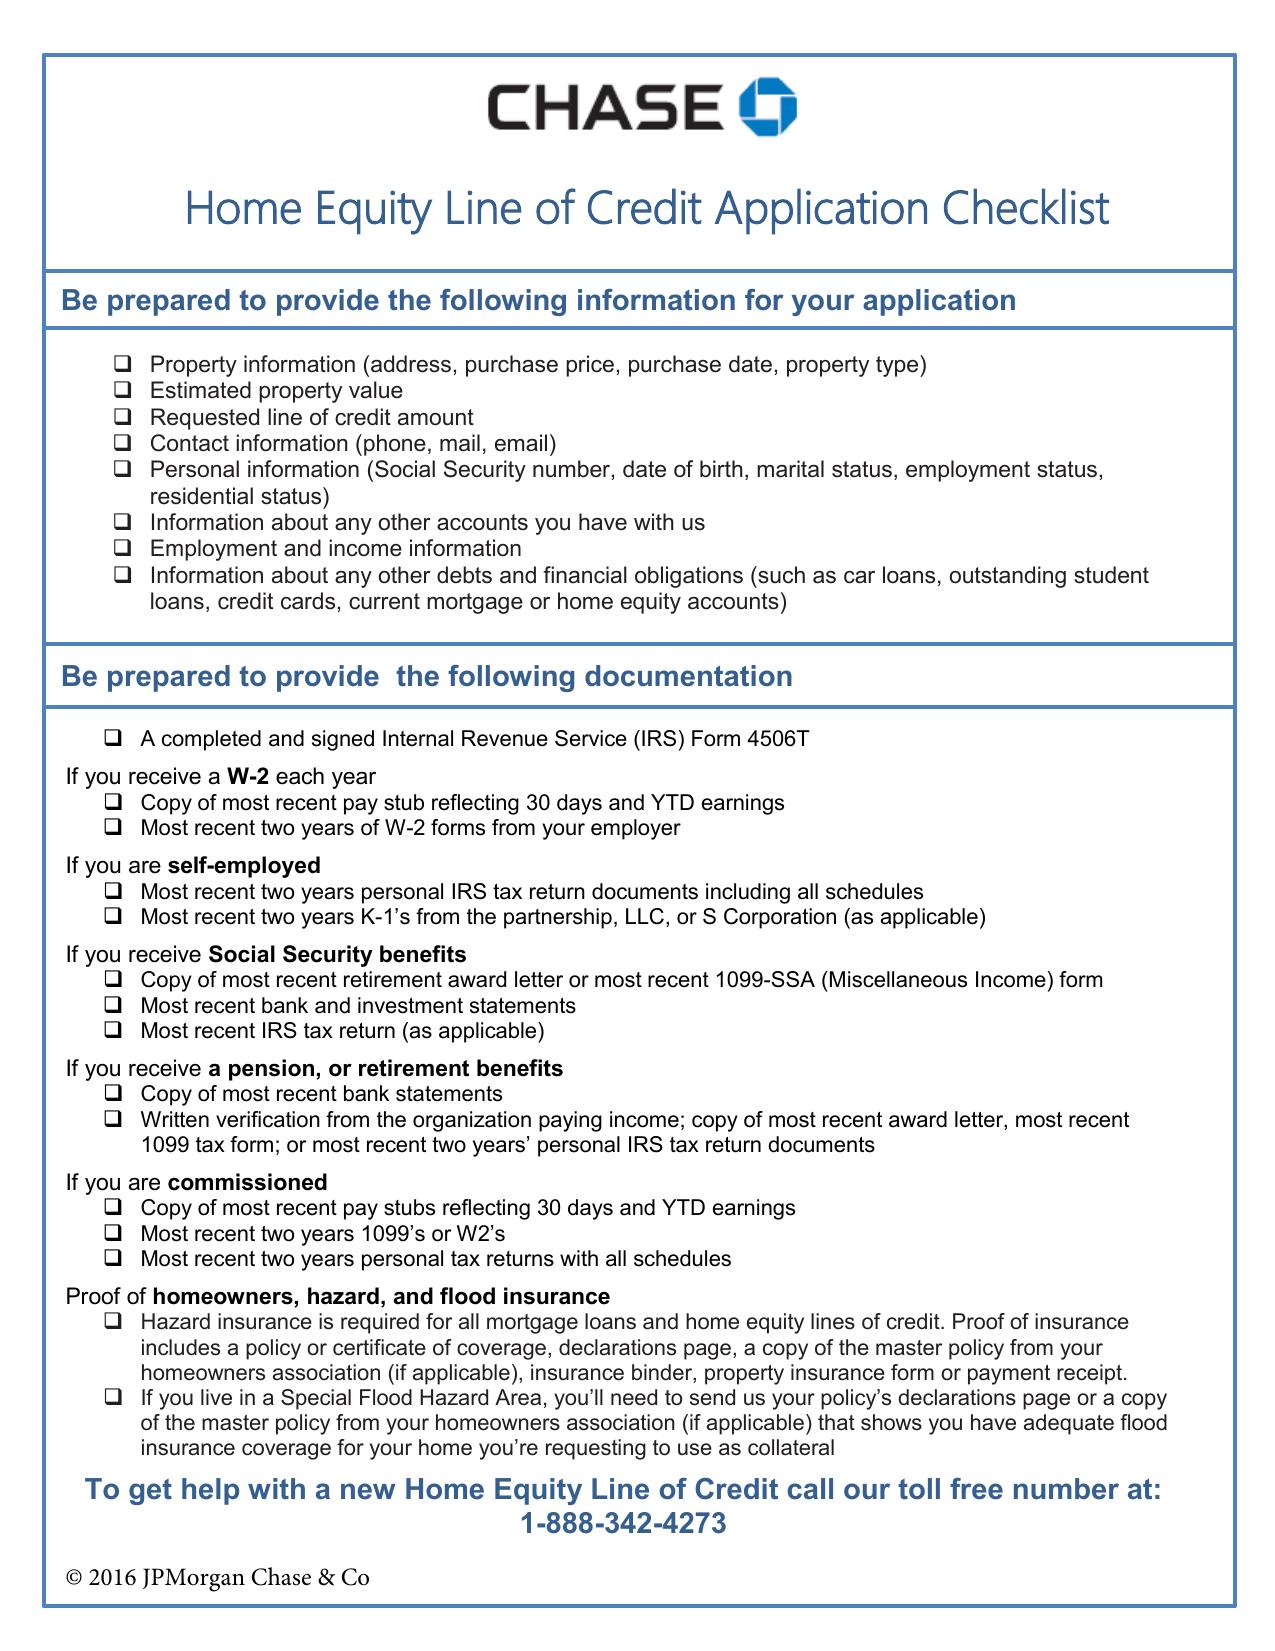 Home Equity Line Of Credit Application Checklist Manualzz Com